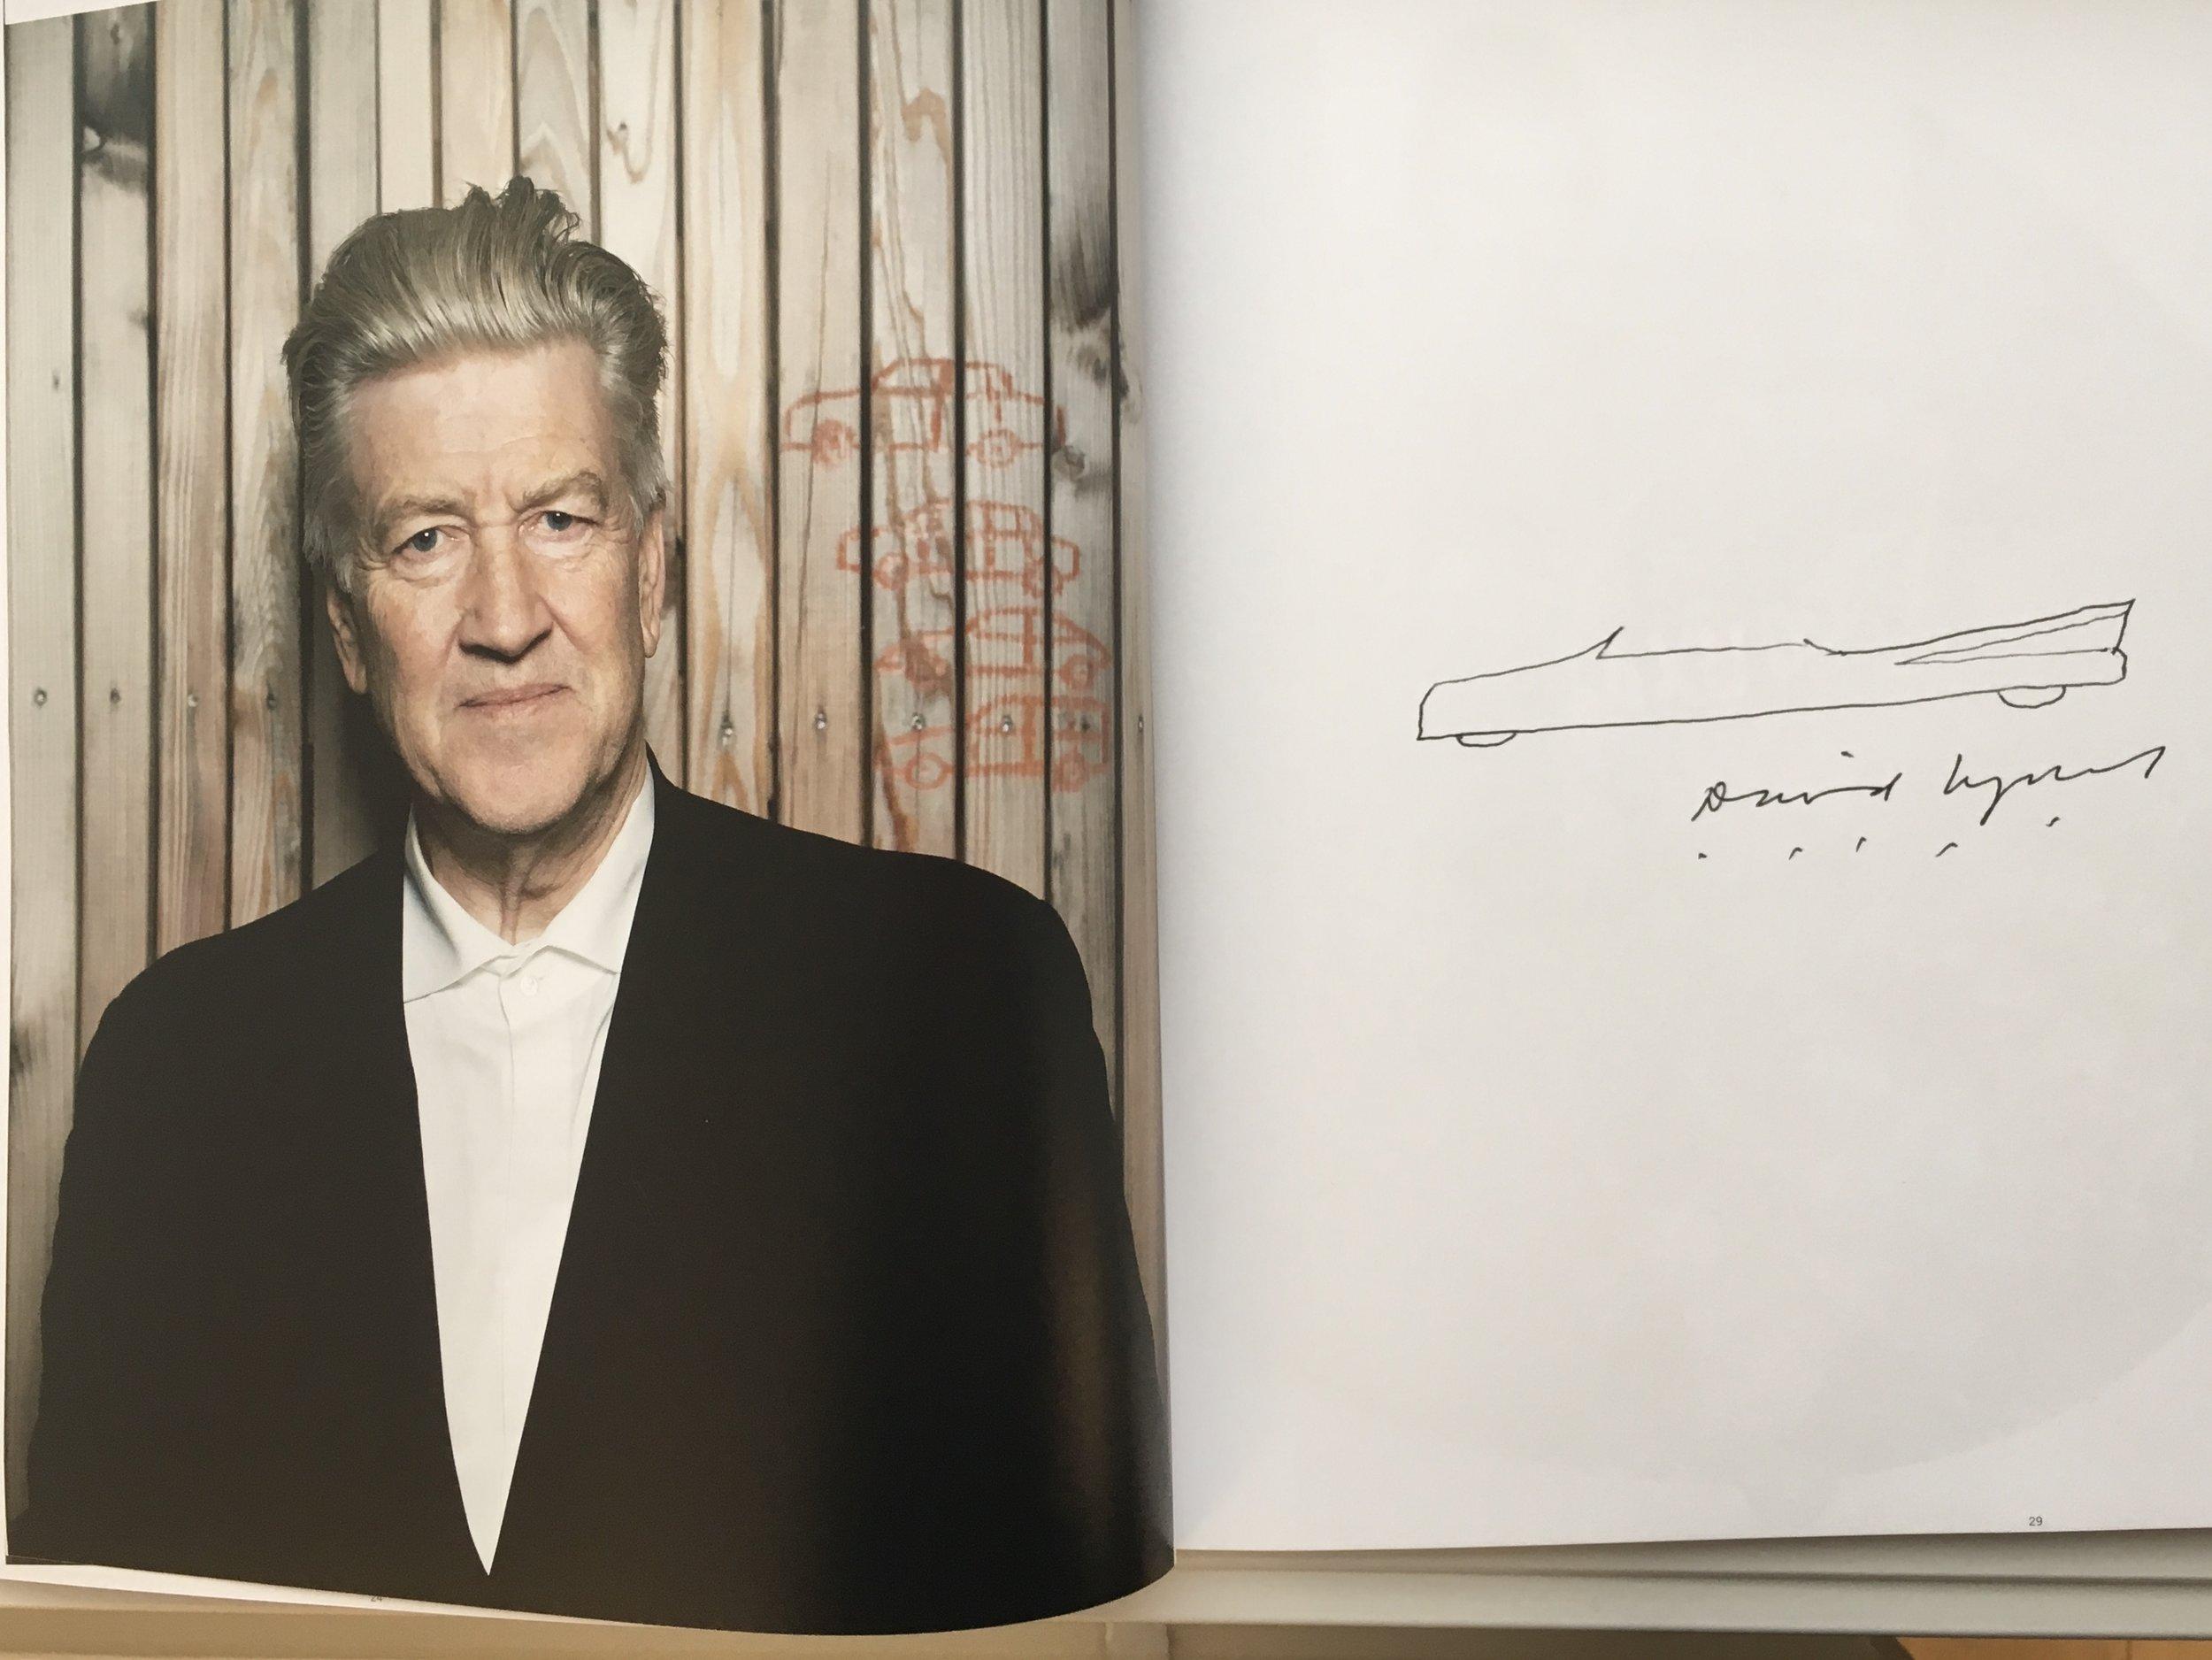 David Lynch på takterrassen til Grand Hotel i Oslo – under intervjuet med Carl's Cars. (Bildet over er en gjengivelse av fotoportrettet til Kimm Saatvedt i magasinet).